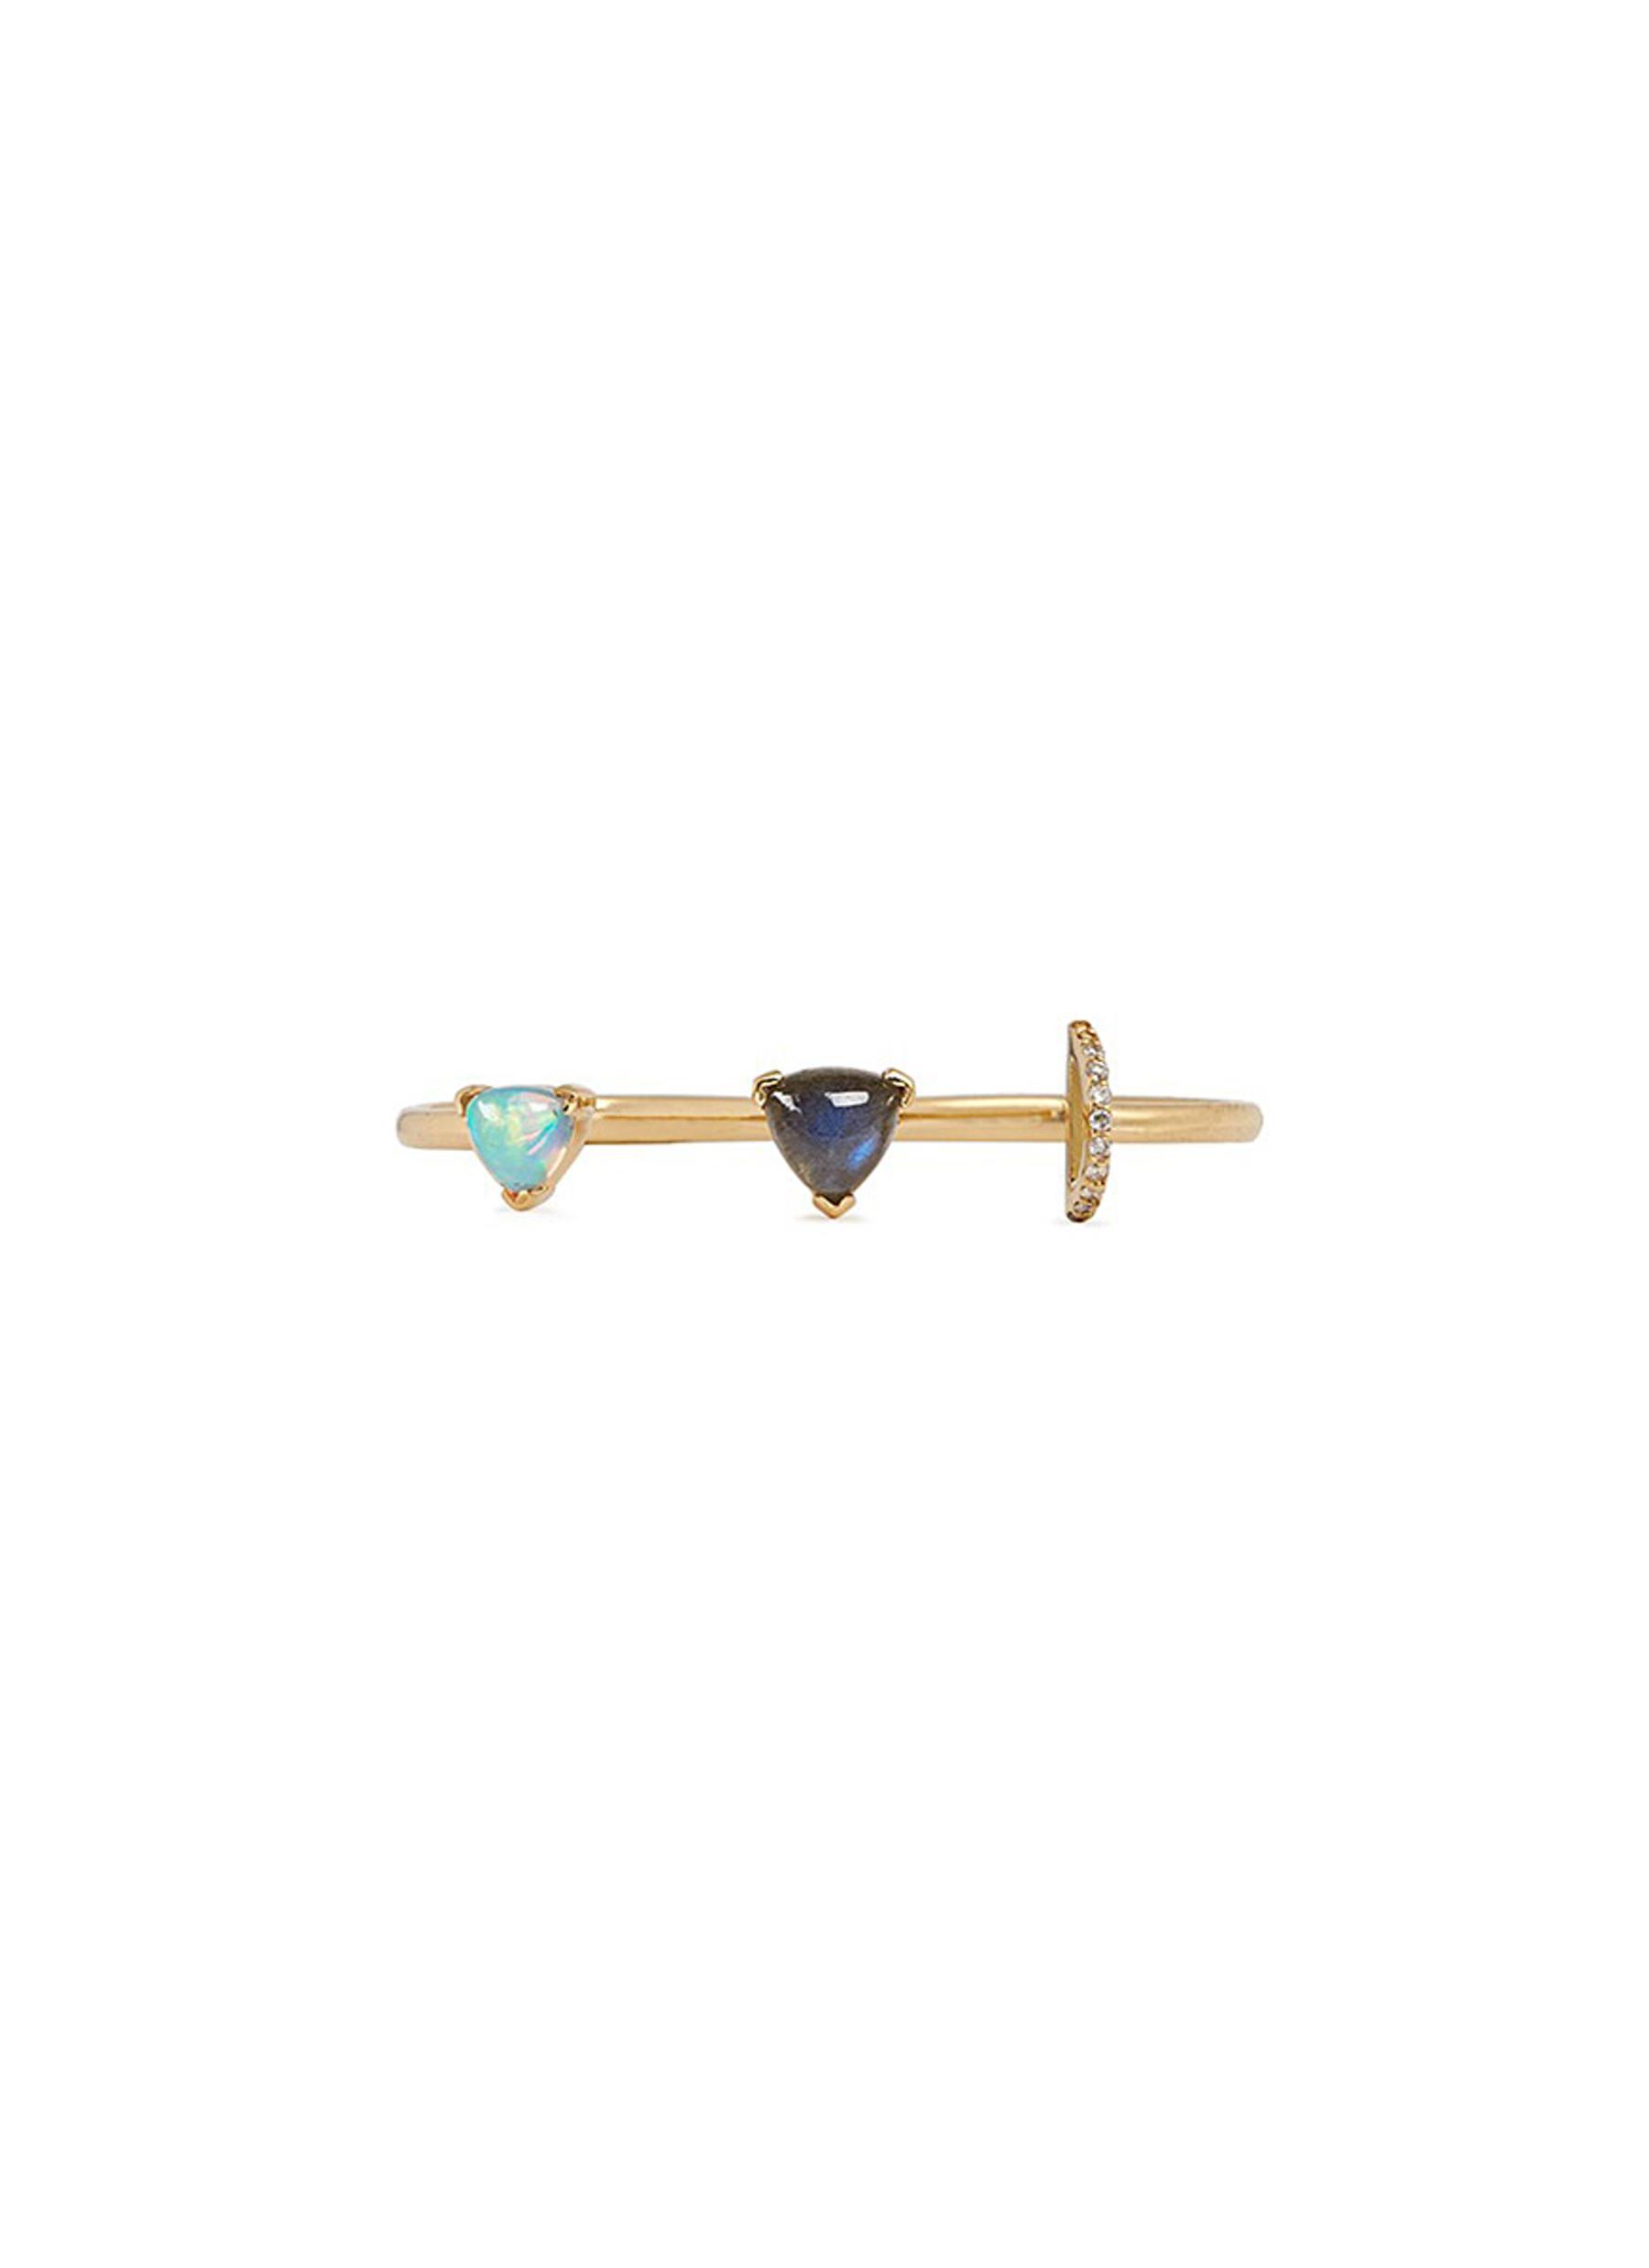 Marta 18k gold diamond pavé opal labradorite two finger ring by Phyne By Paige Novick